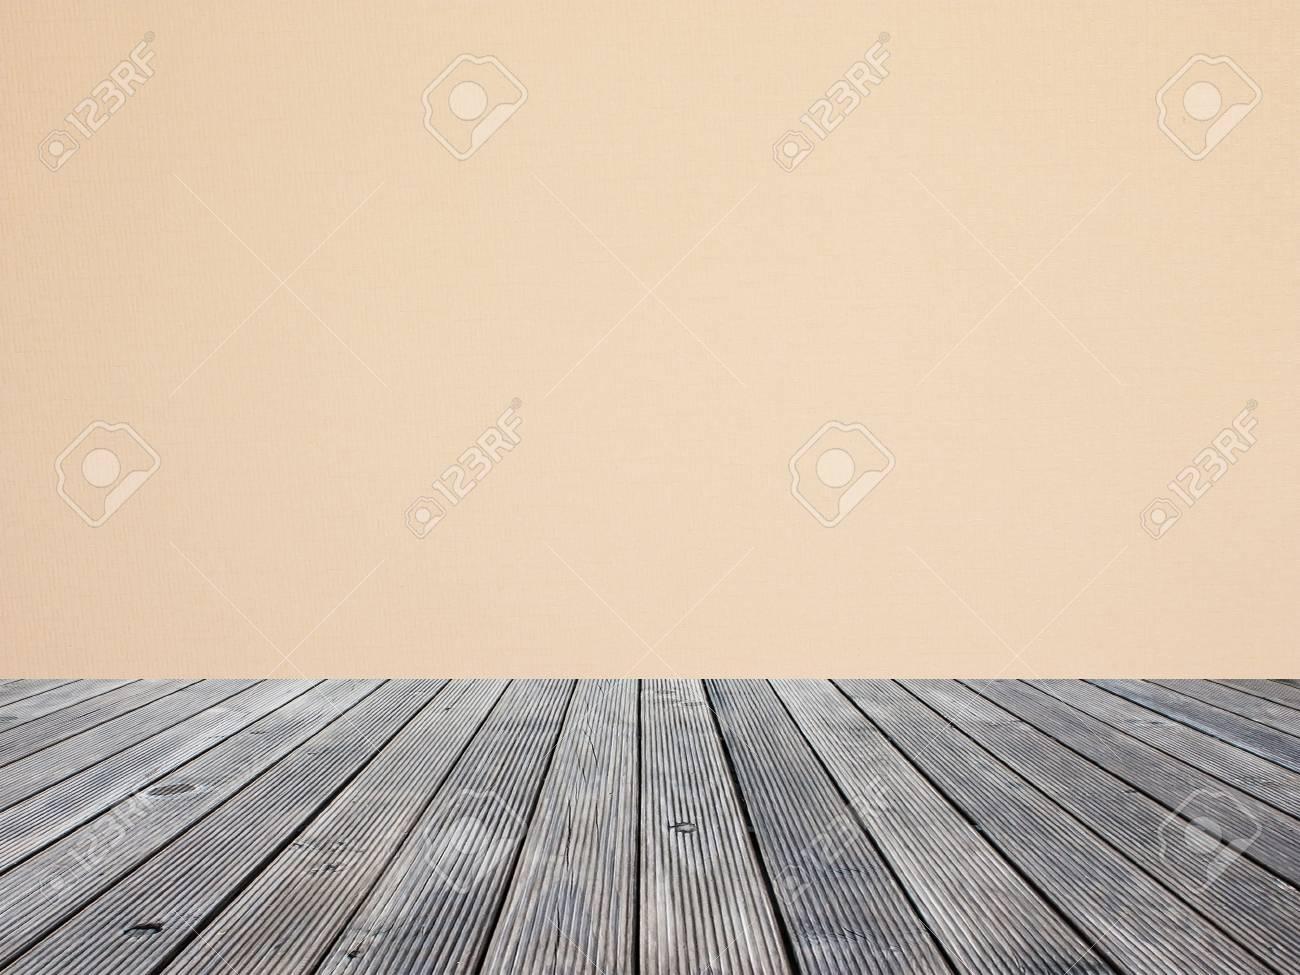 Wandpapier Auf Dem Boden Holz Fur Backgroud Lizenzfreie Fotos